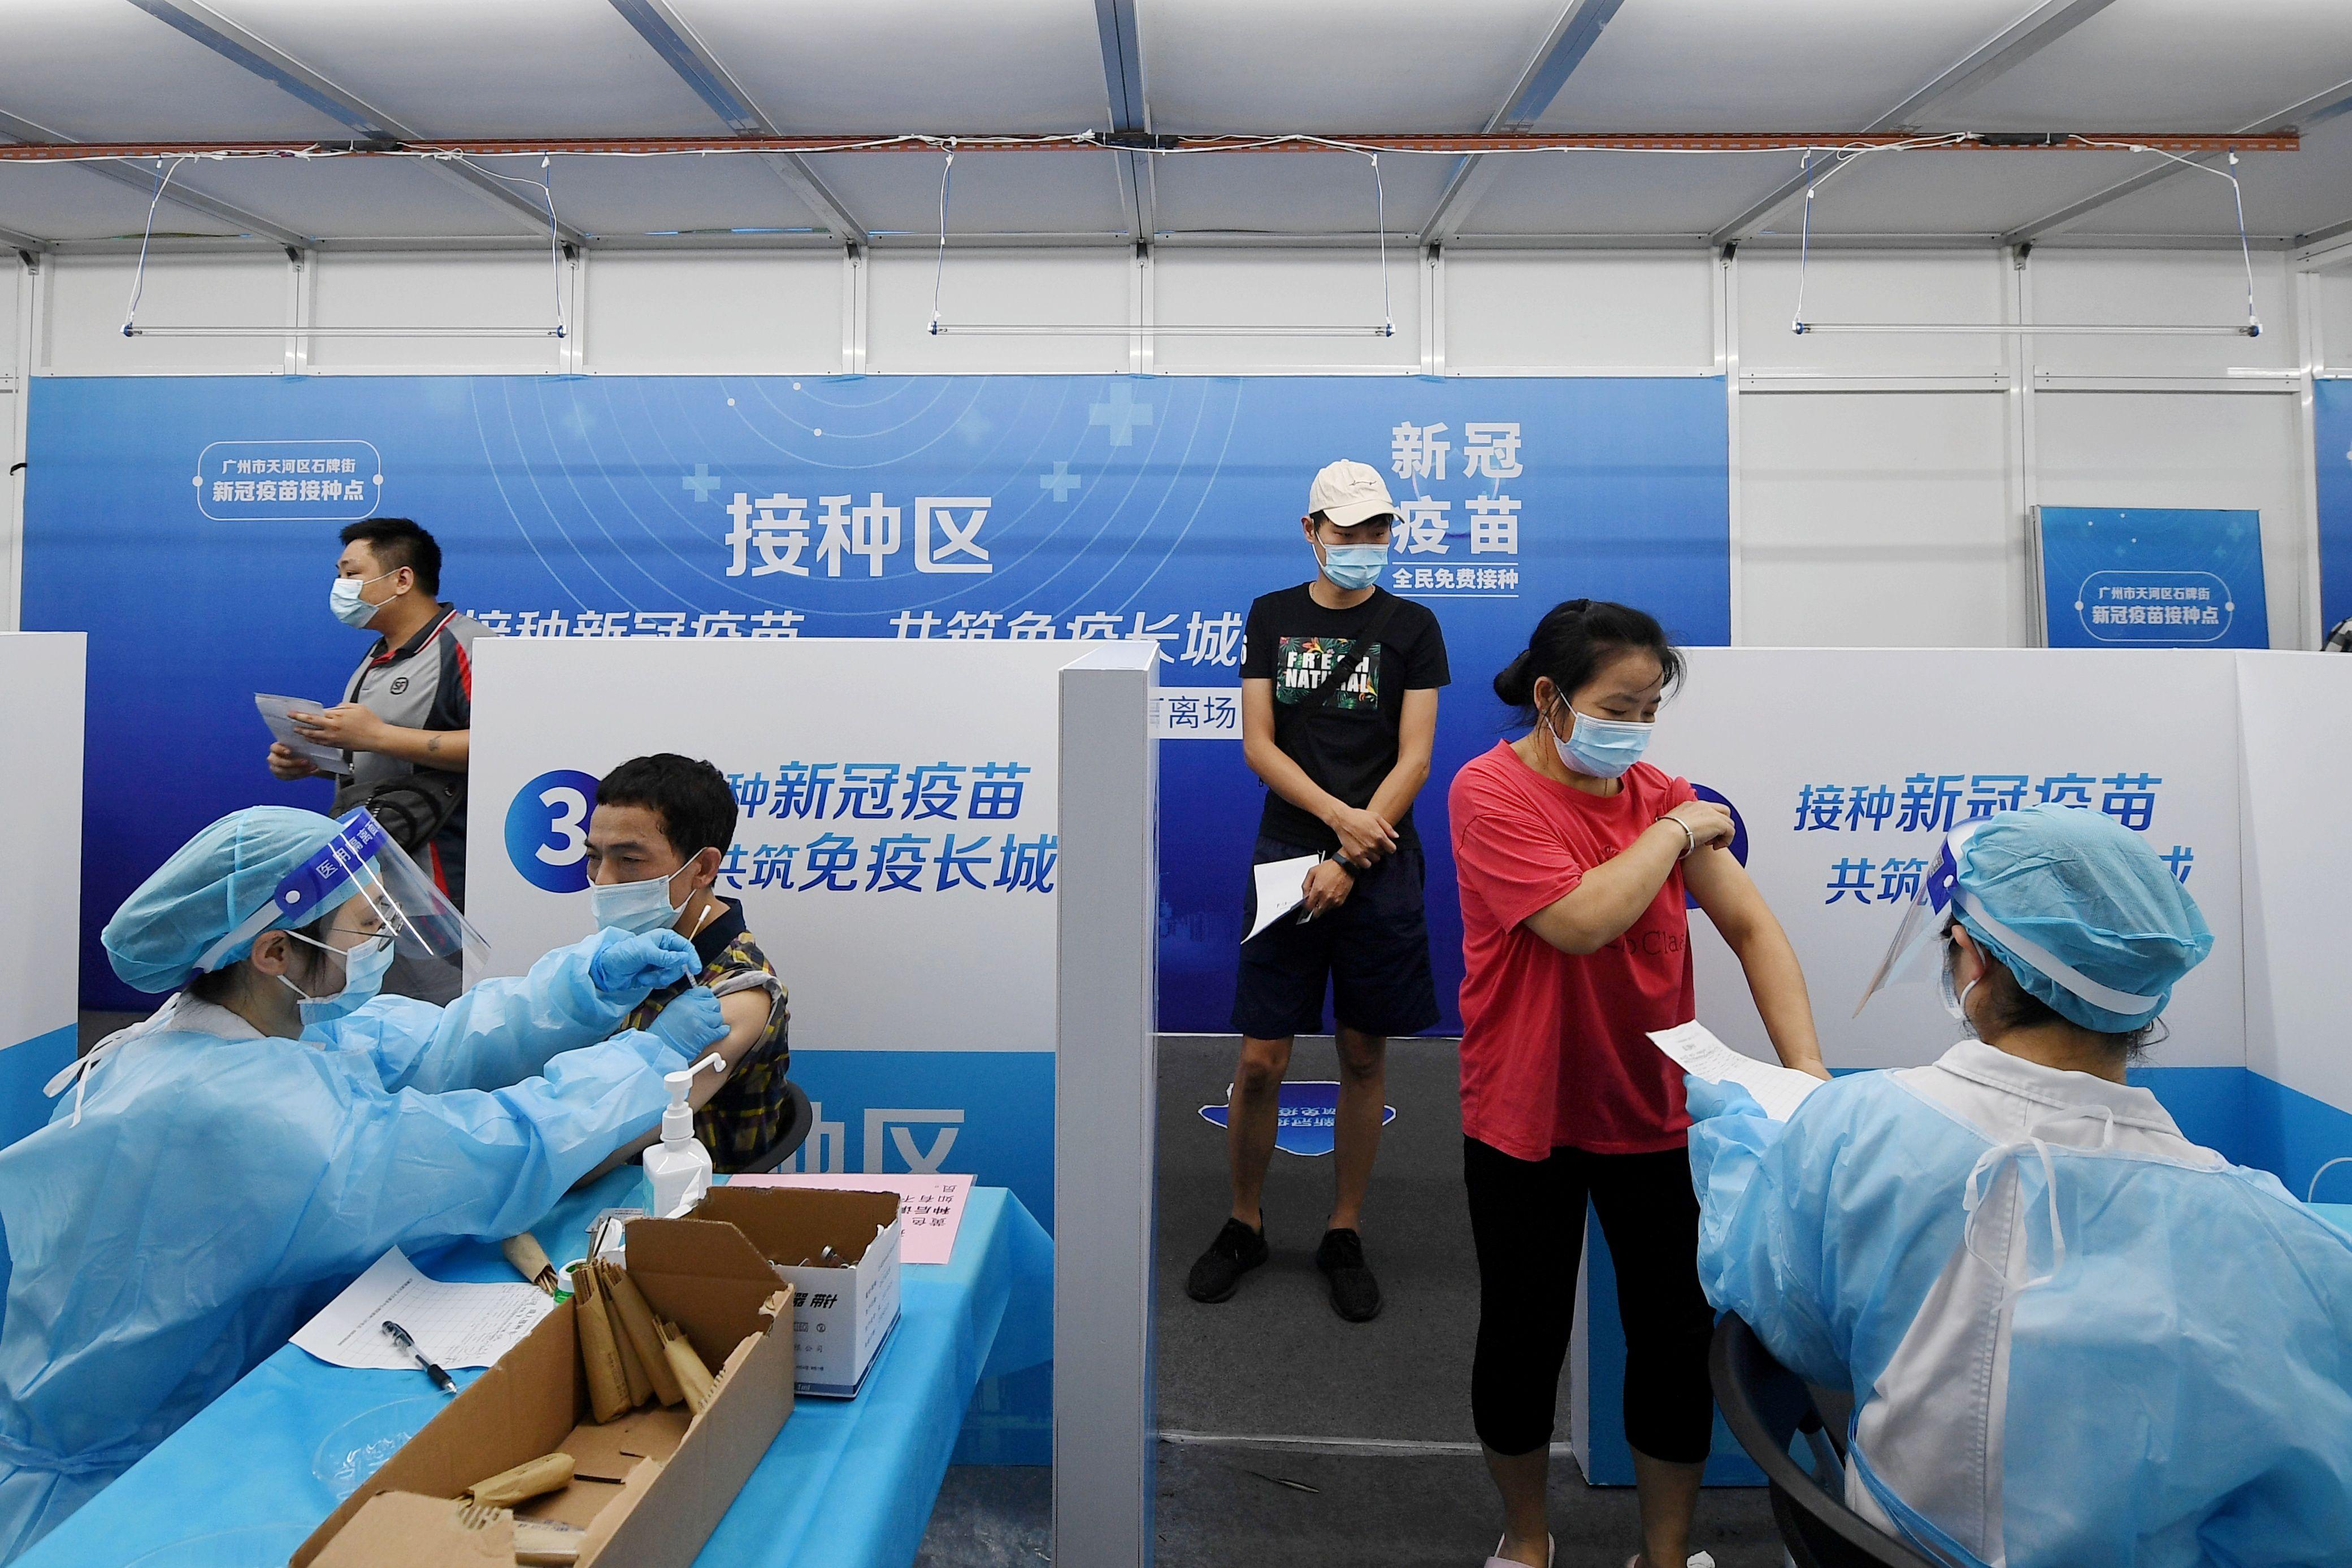 Se necesitarían más de 2.200 millones de dosis para alcanzar ese nivel de cobertura en China, según un experto de China REUTERS ATTENTION EDITORS - THIS IMAGE WAS PROVIDED BY A THIRD PARTY. CHINA OUT.